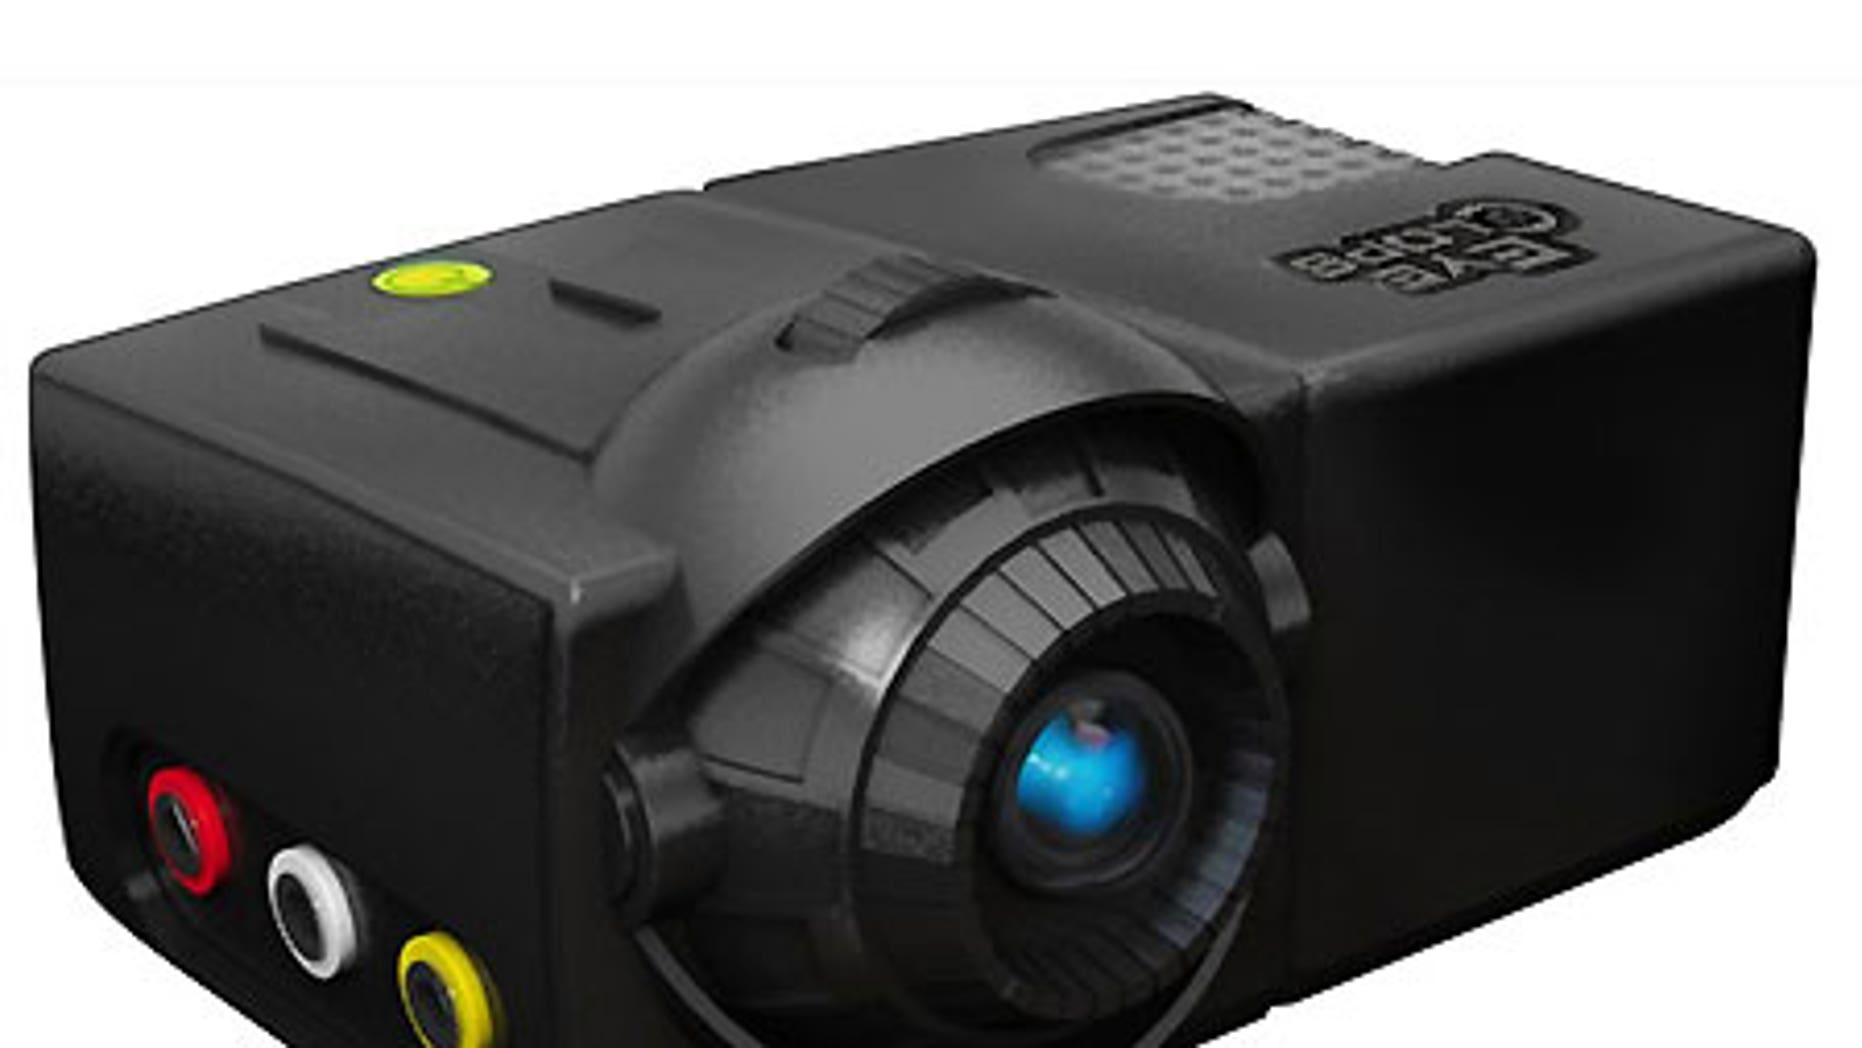 JAKKS Pacific's EyeClops mini-projector.